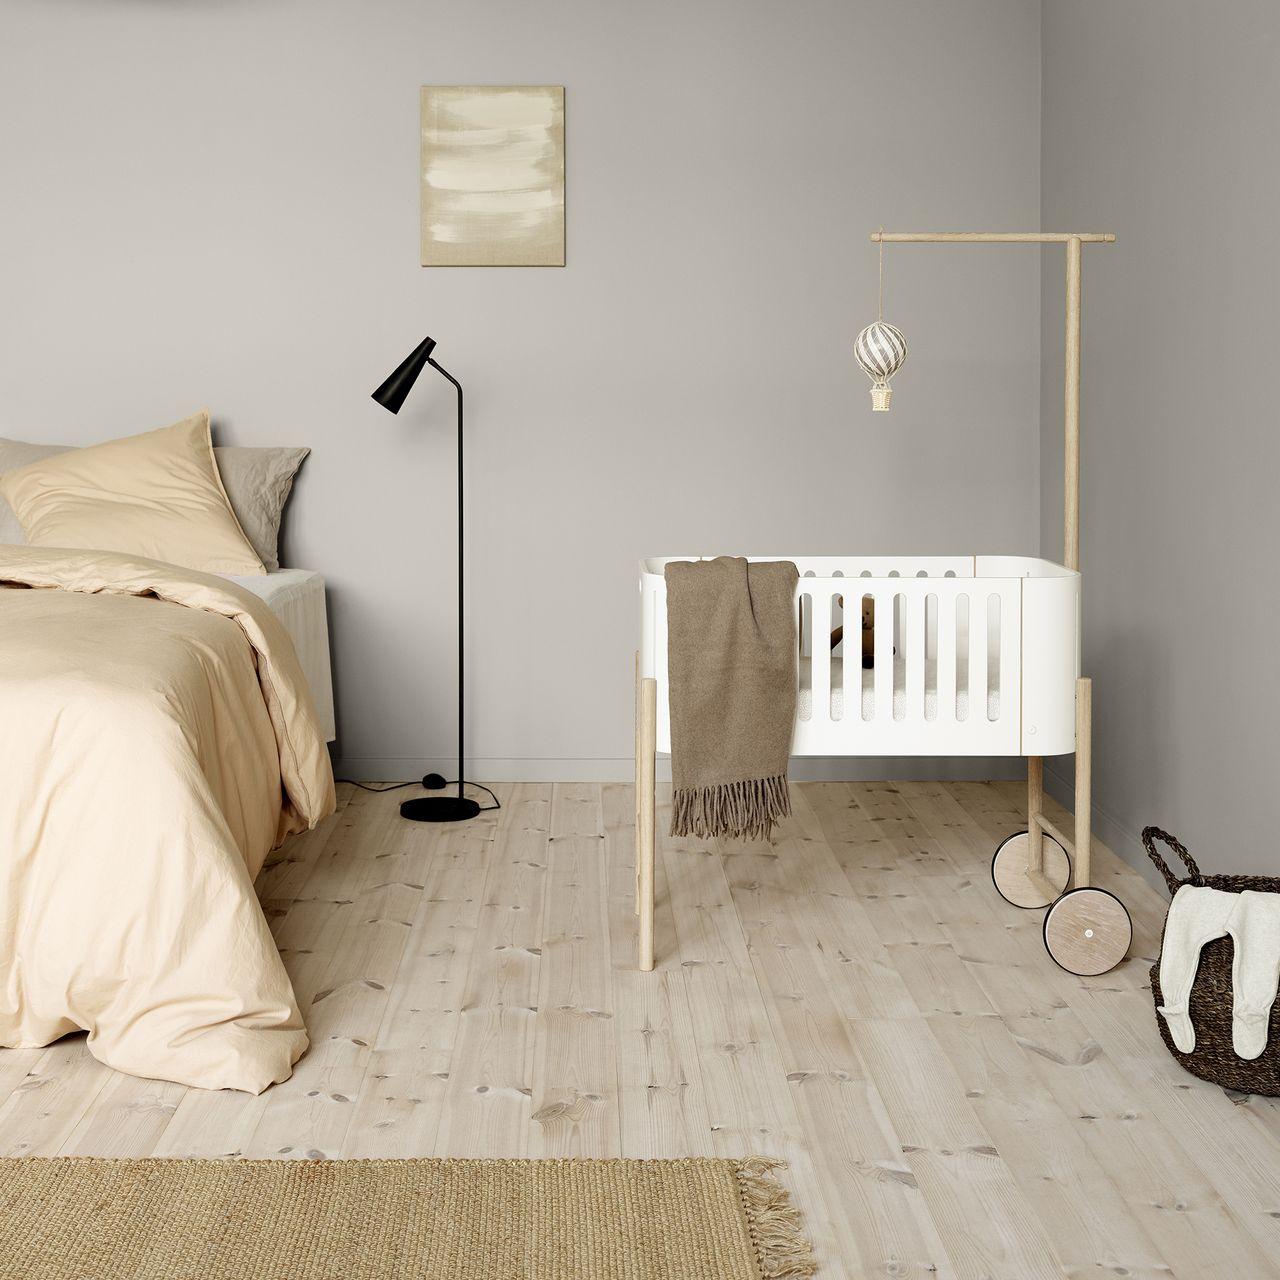 Stubenwagen Wood von Oliver Furniture in Berlin kaufen - Kleine Fabriek